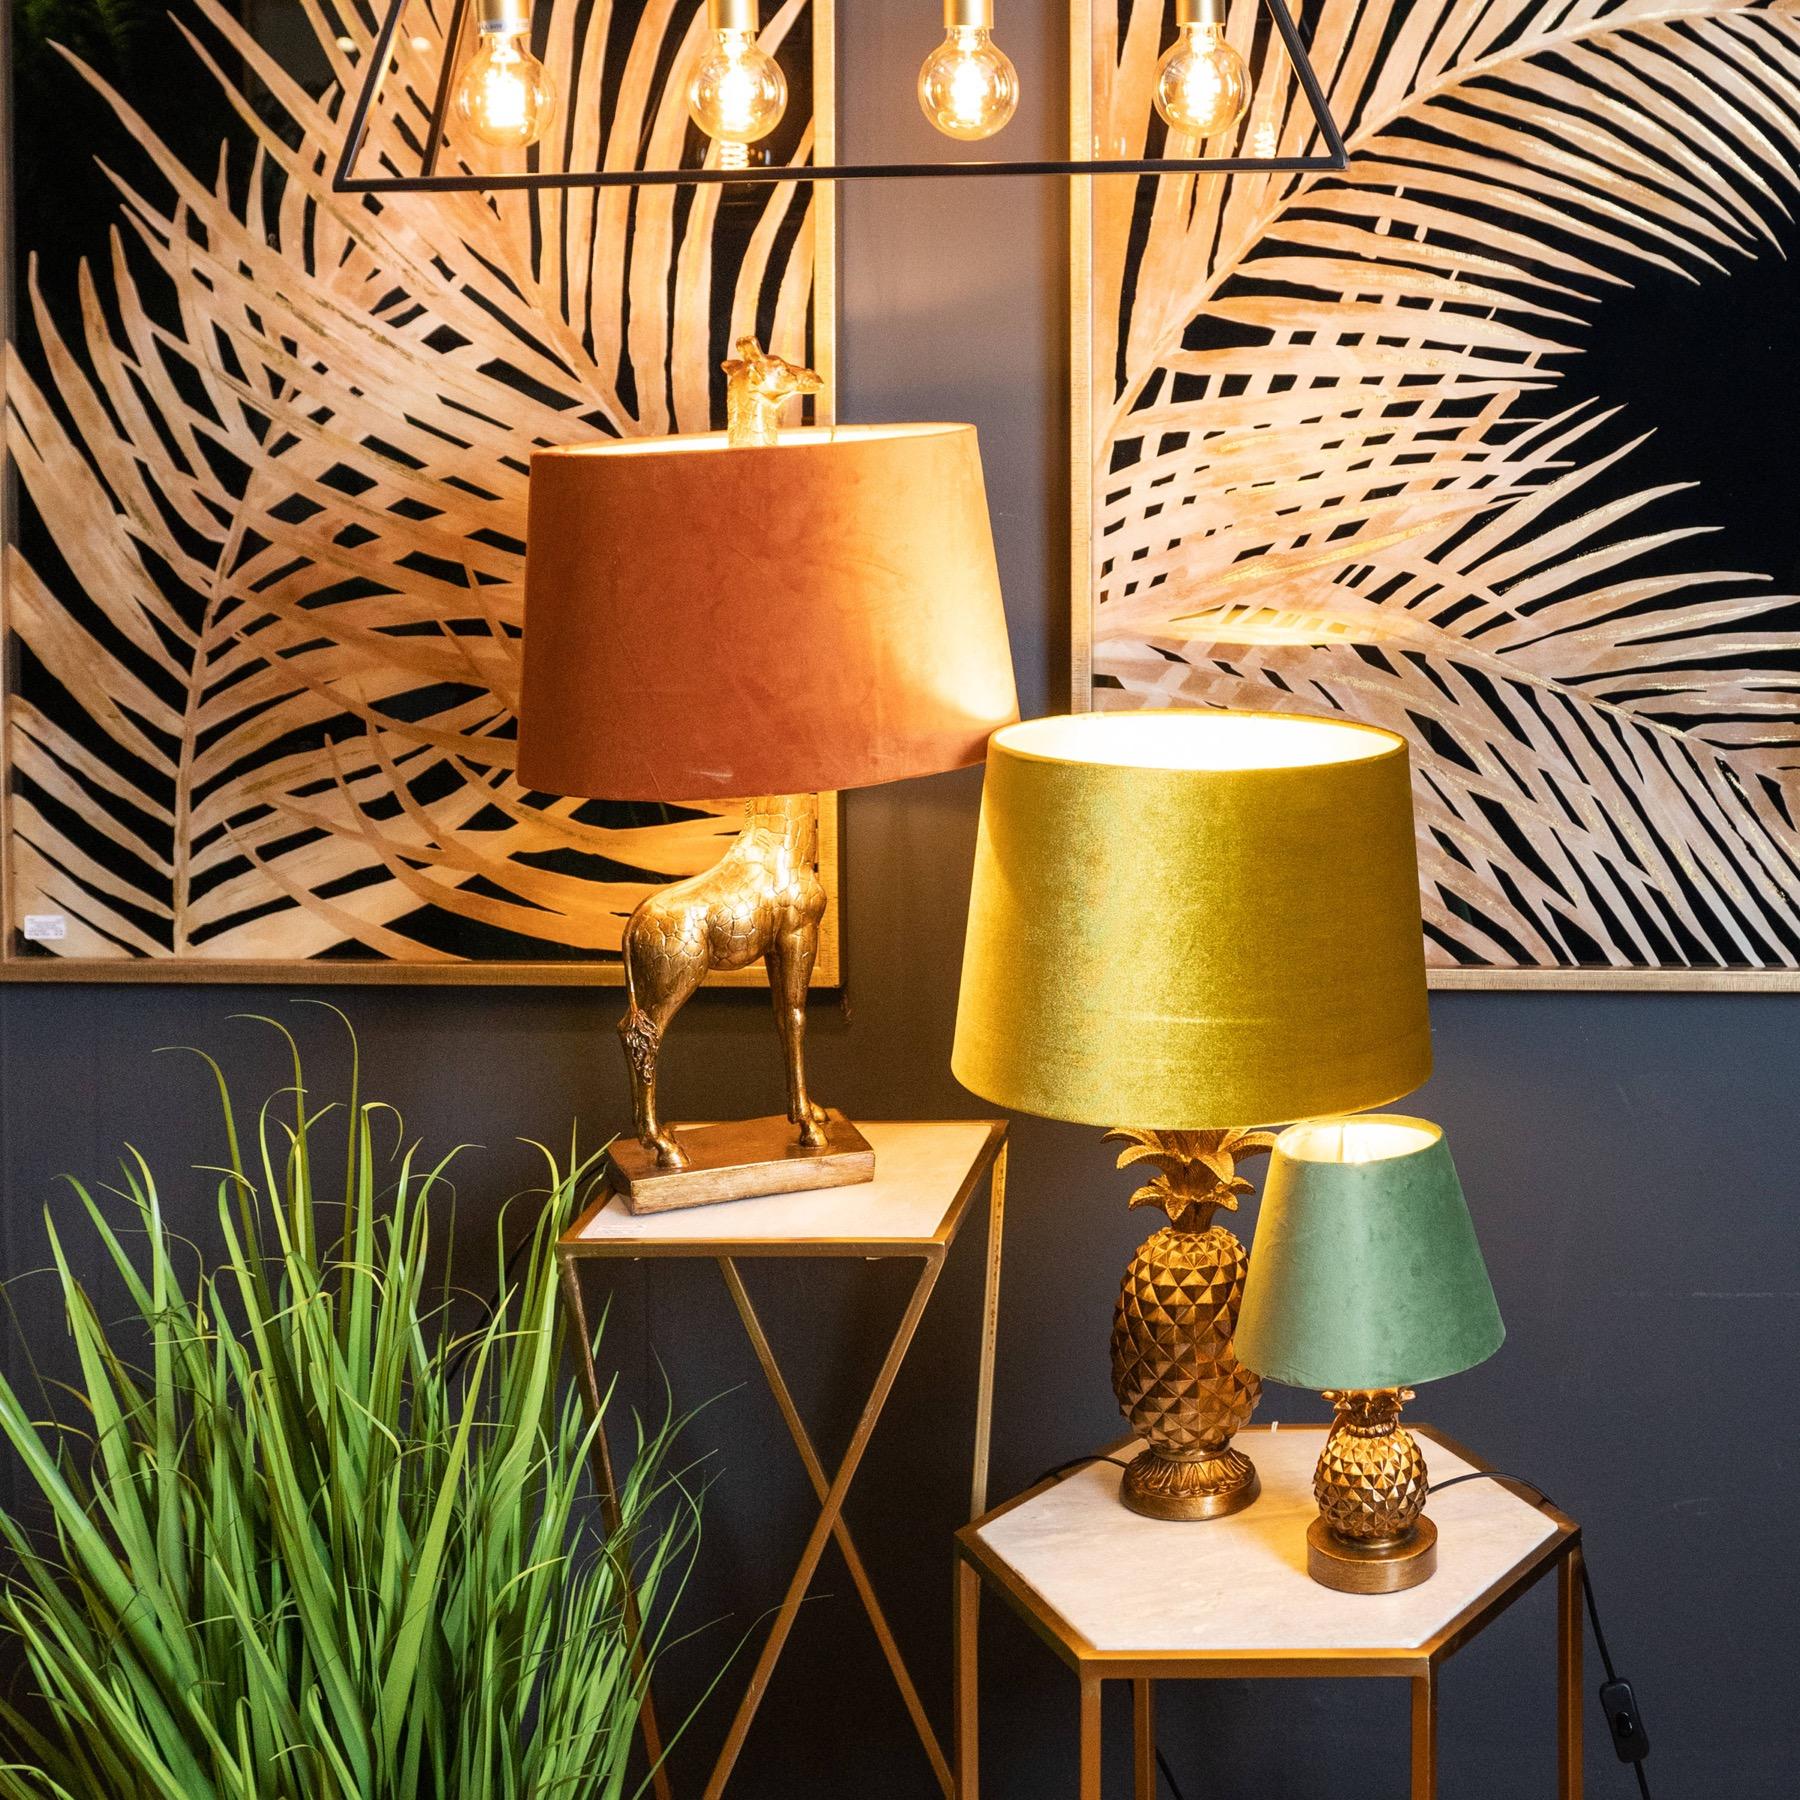 Antique Gold Giraffe Table Lamp + Burnt Orange Velvet Shade with Gold Lining